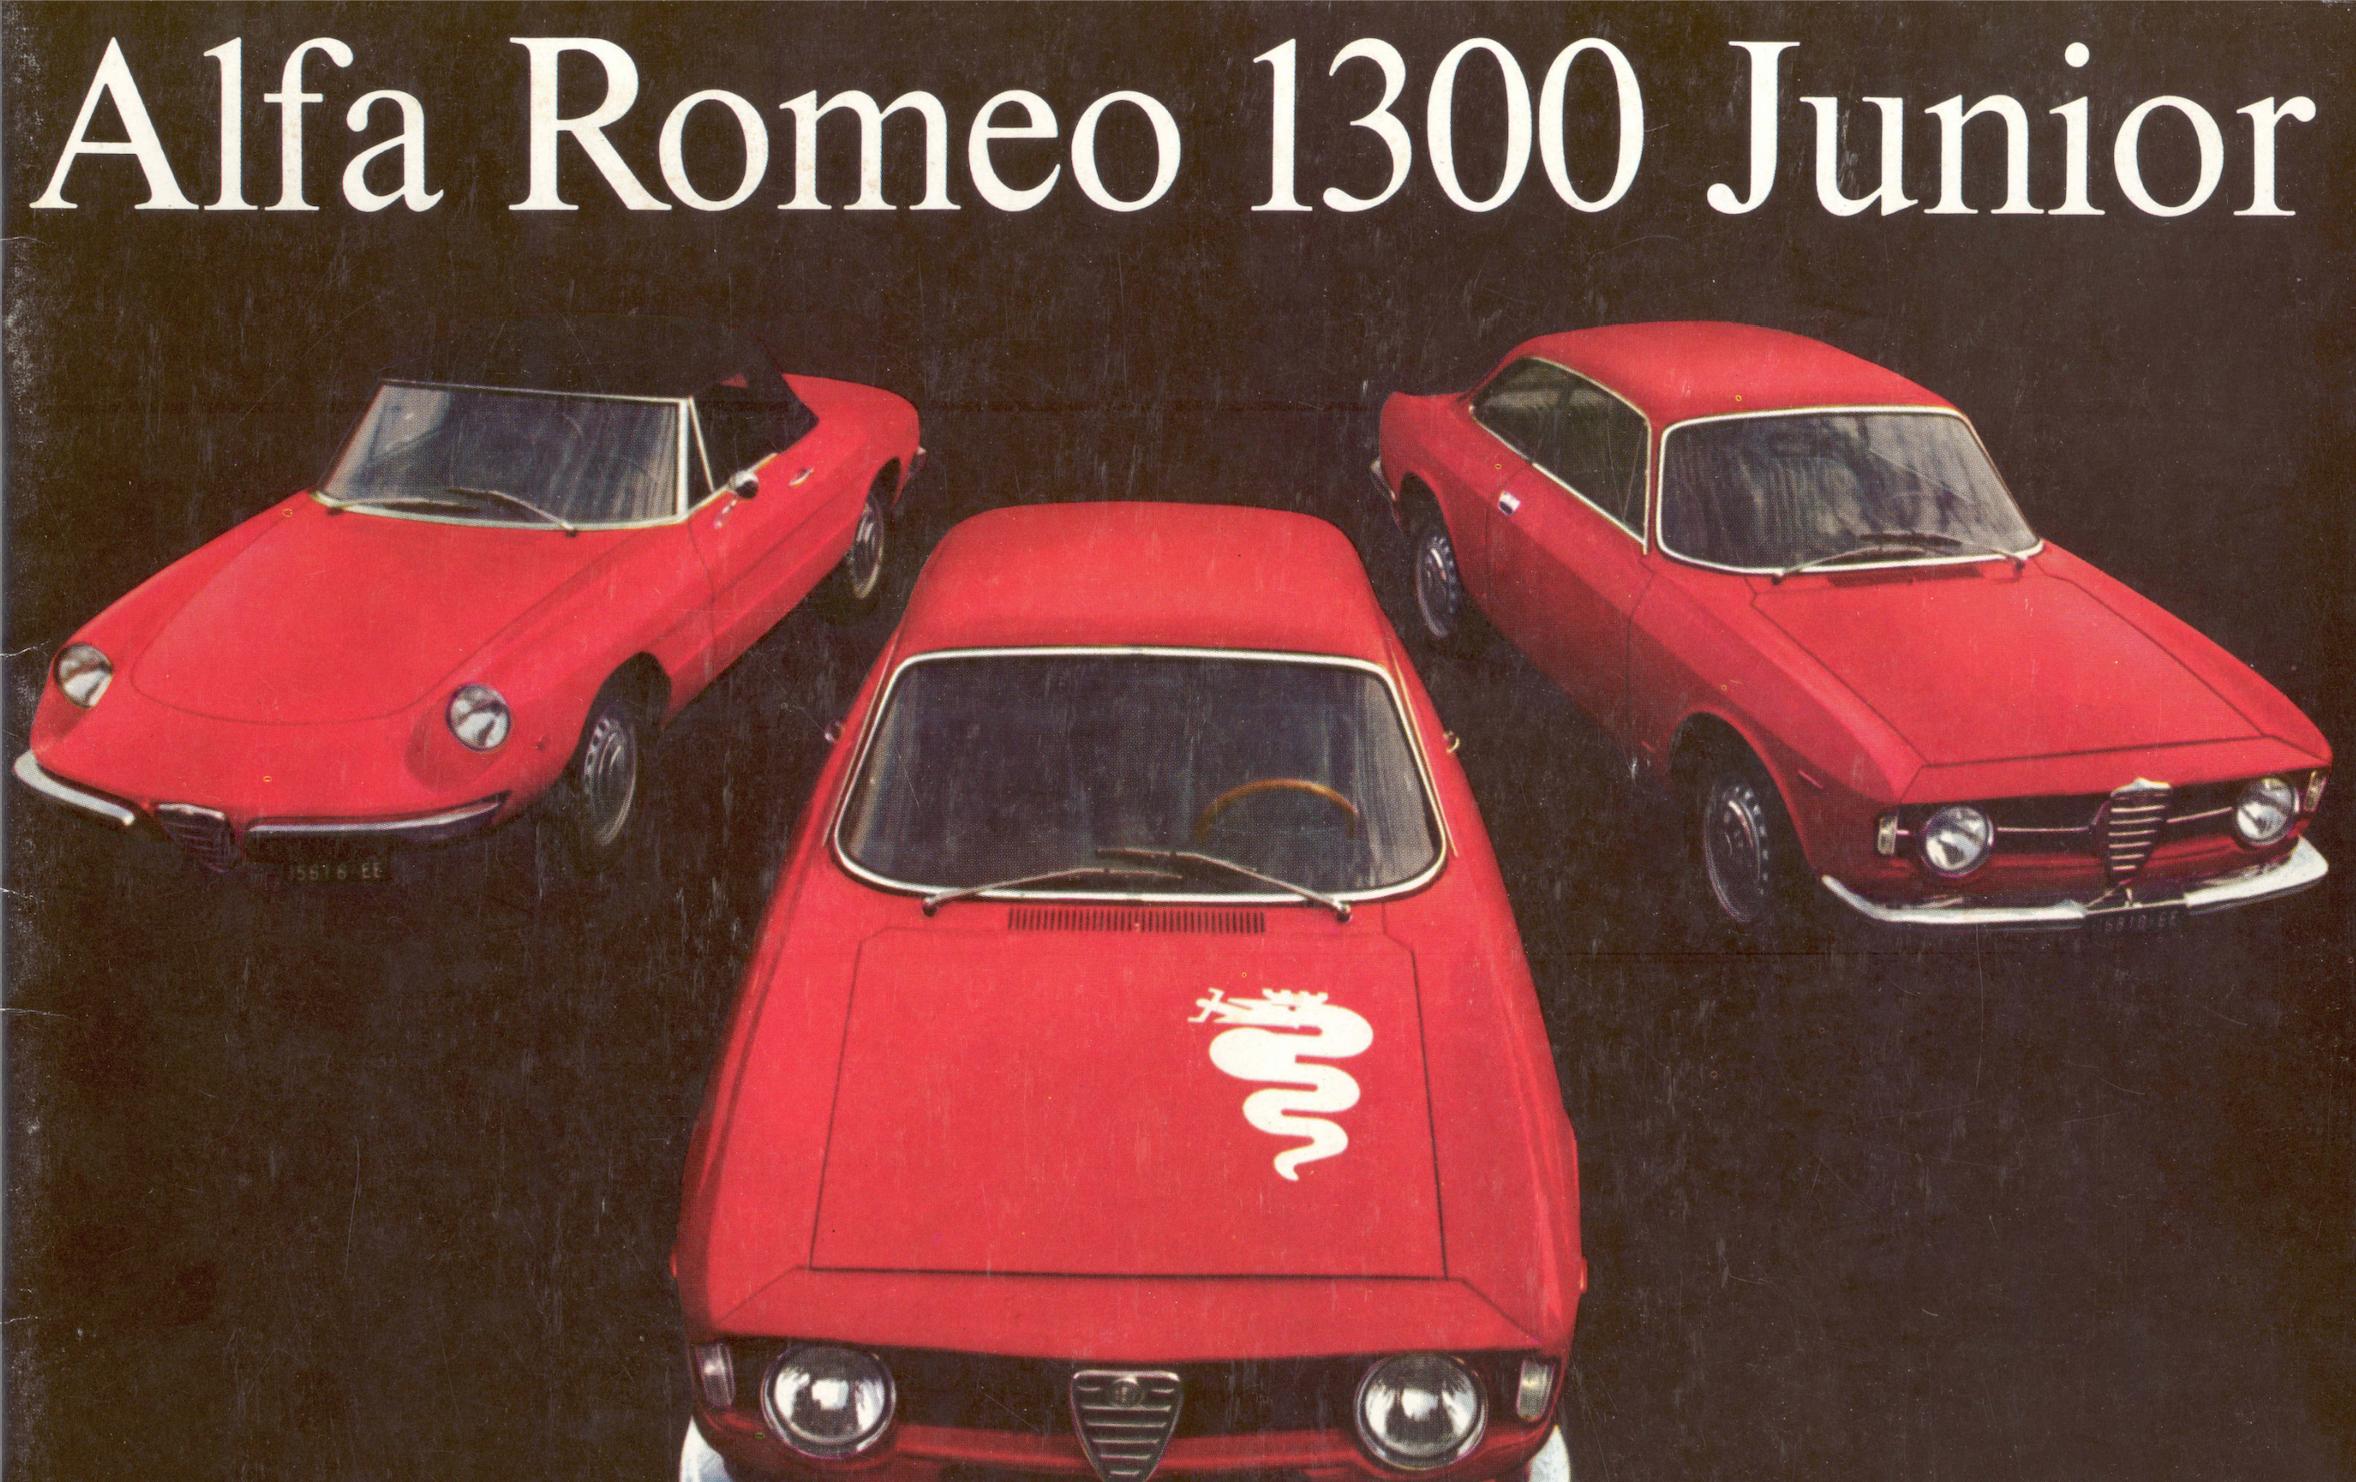 Alfa Romeo 1300 Junior Spider brochure